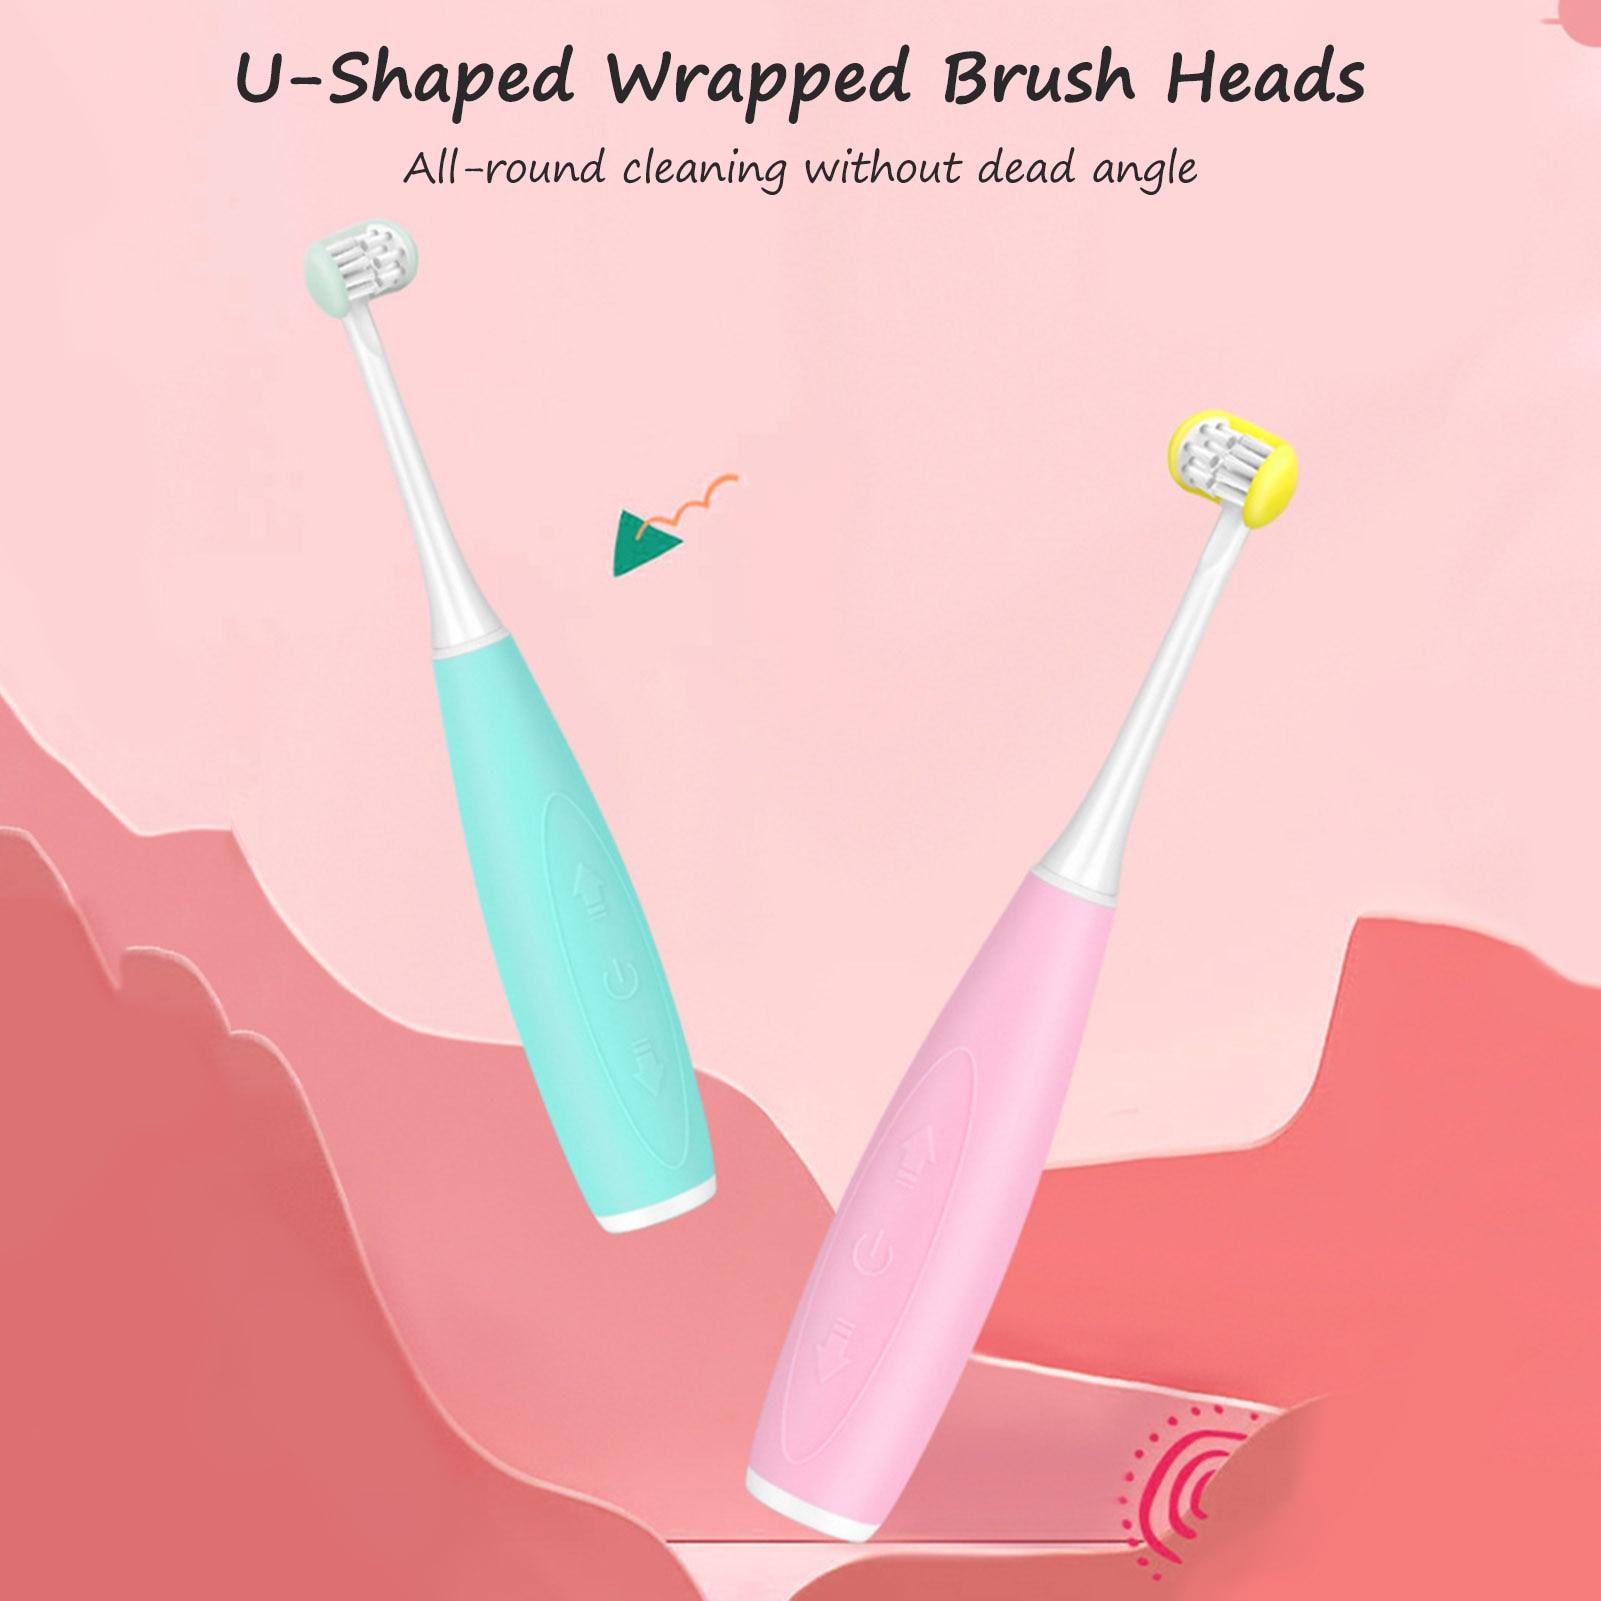 Brosse à dents électrique pour enfants brosse à dents en forme de U USB Sonic brosse à dents électrique de nettoyage avec deux têtes de brosse remplaçables